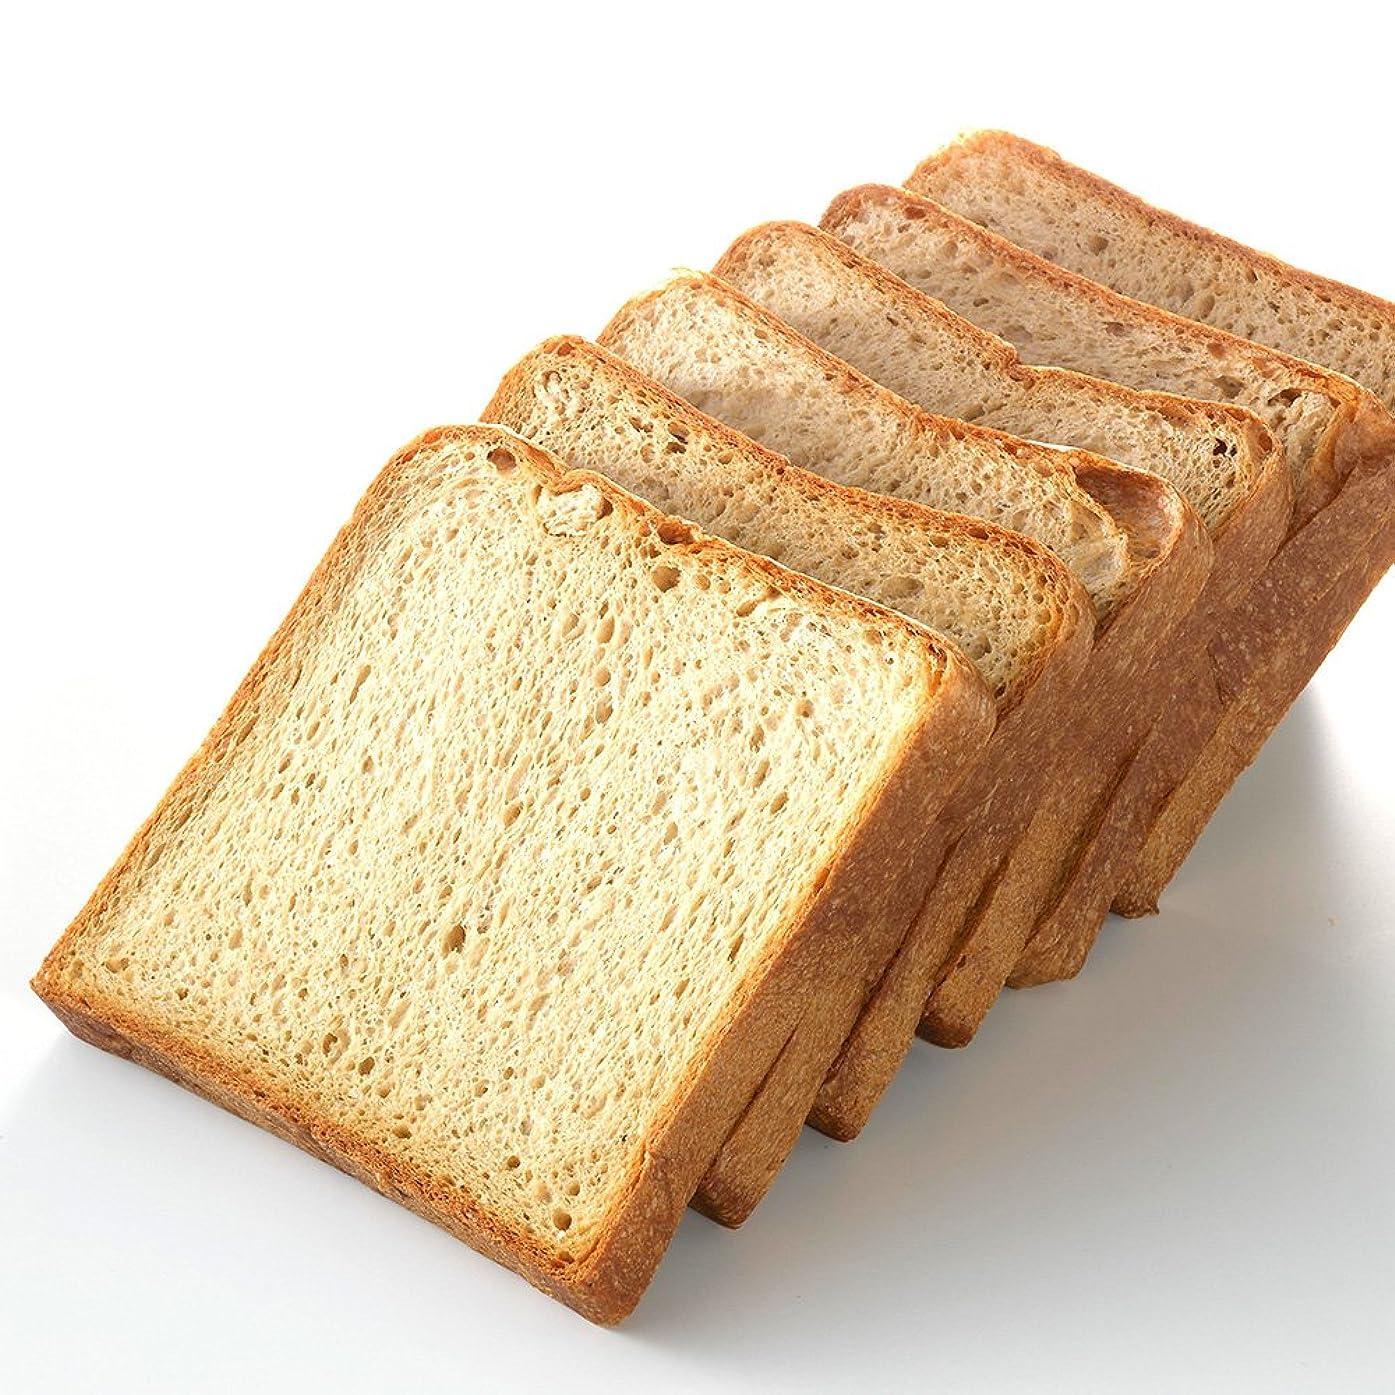 算術共同選択抑圧するグルテンフリー 無添加 天然酵母 米粉食パン 1斤 gluten free bread